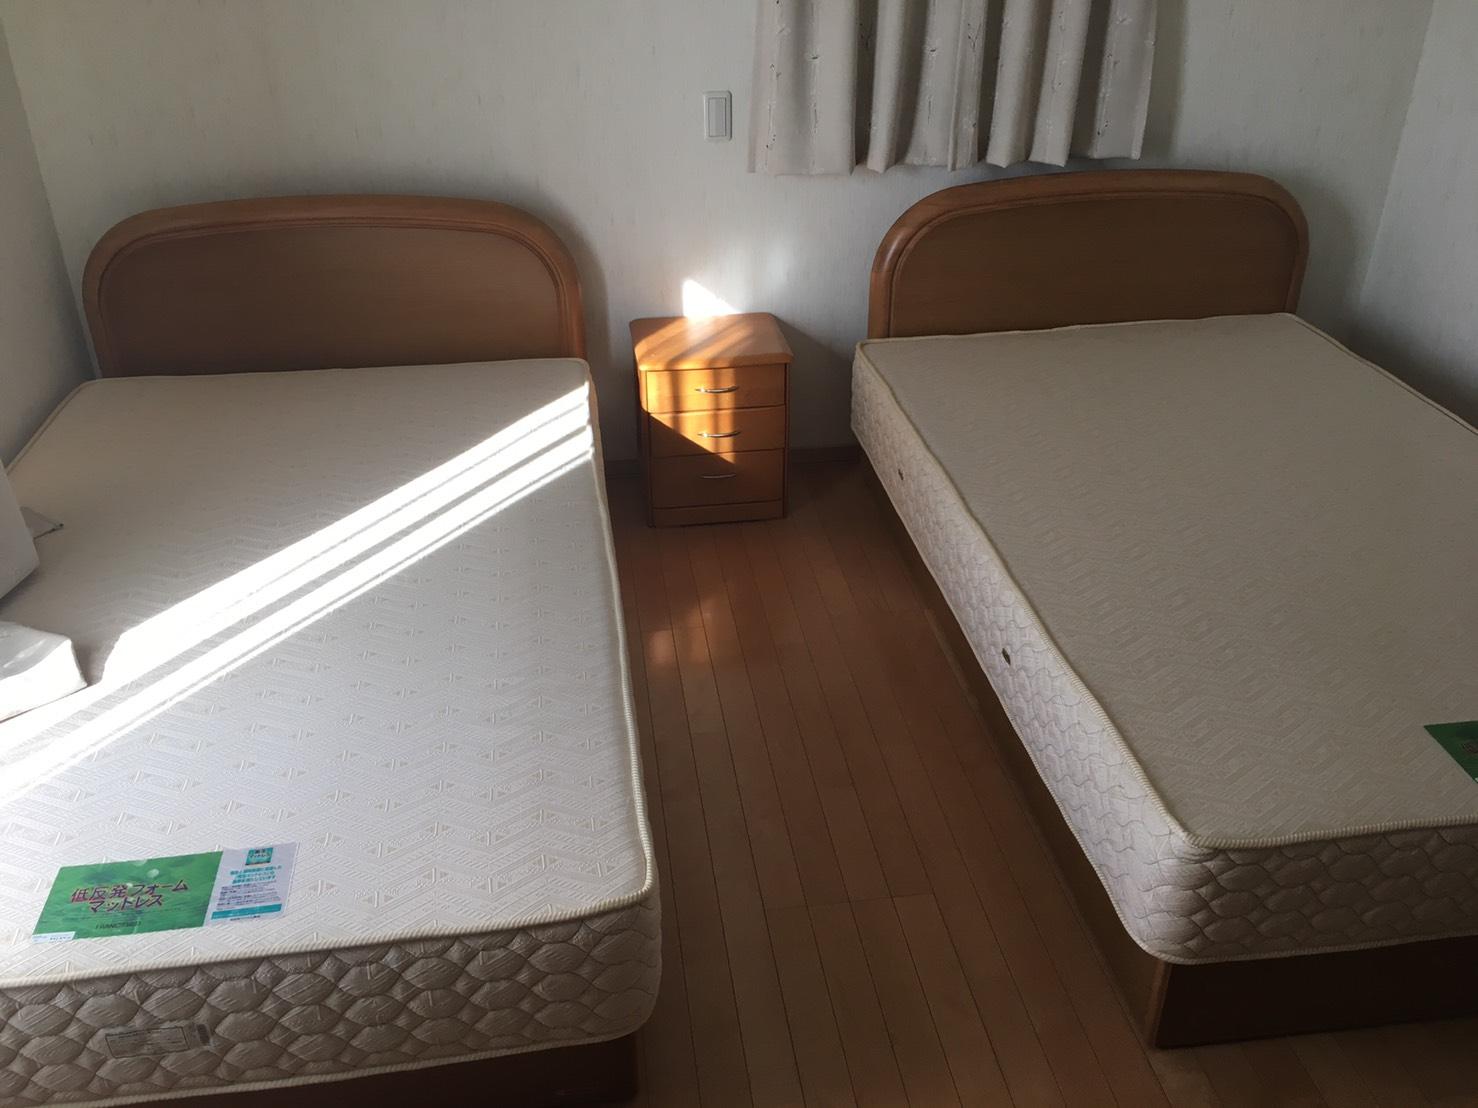 ベッド2台の回収前